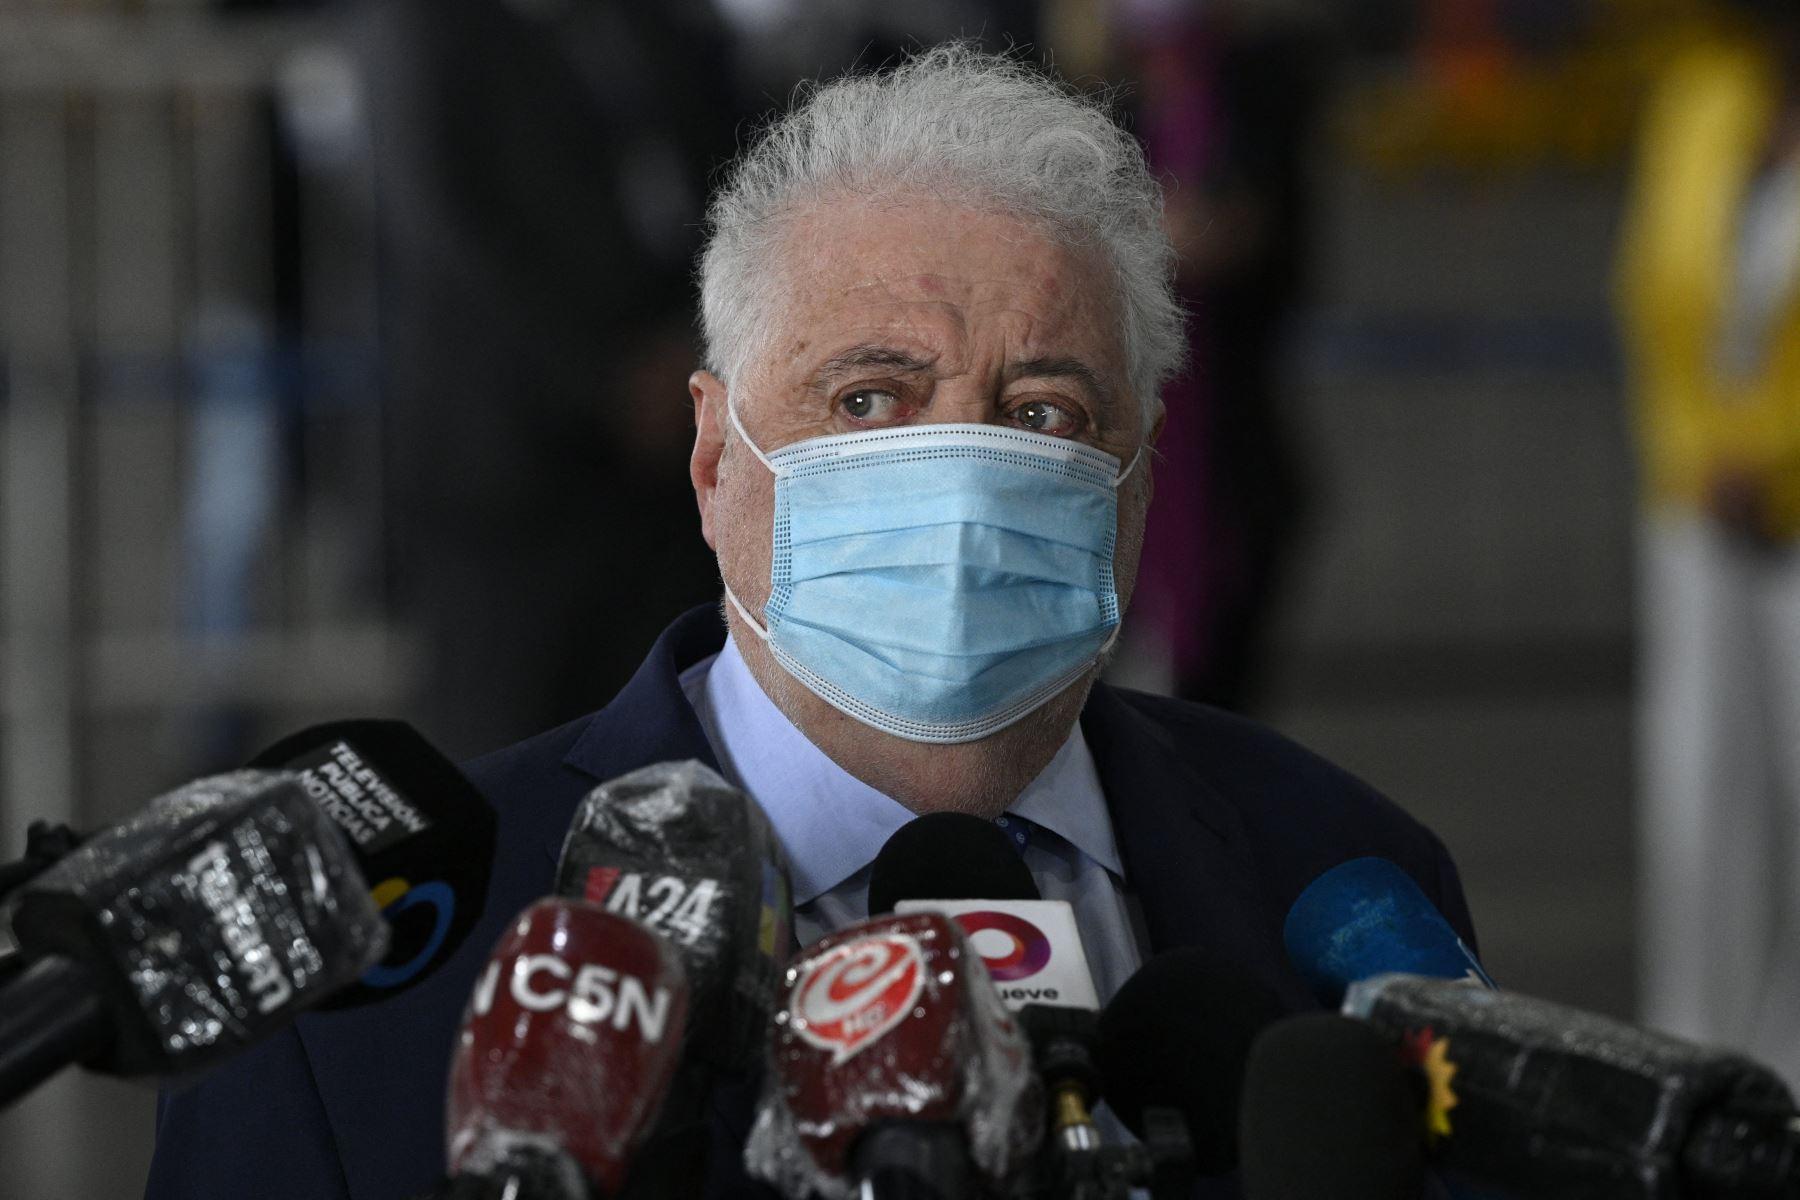 En las últimas horas, diversos medios locales indicaron que otros rostros afines al Gobierno habrían accedido a la vacuna de forma preferencial. Foto: AFP